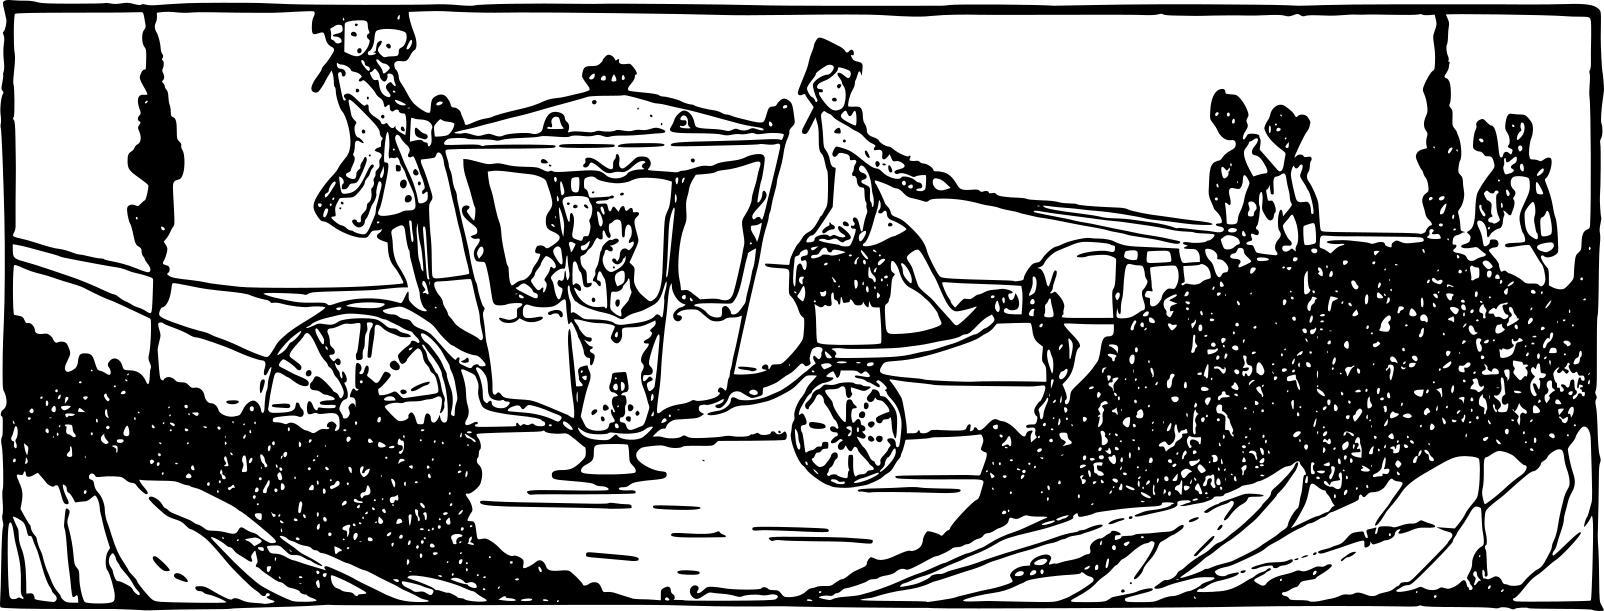 Carriage clipart fairytale. Fancy fairy tale design